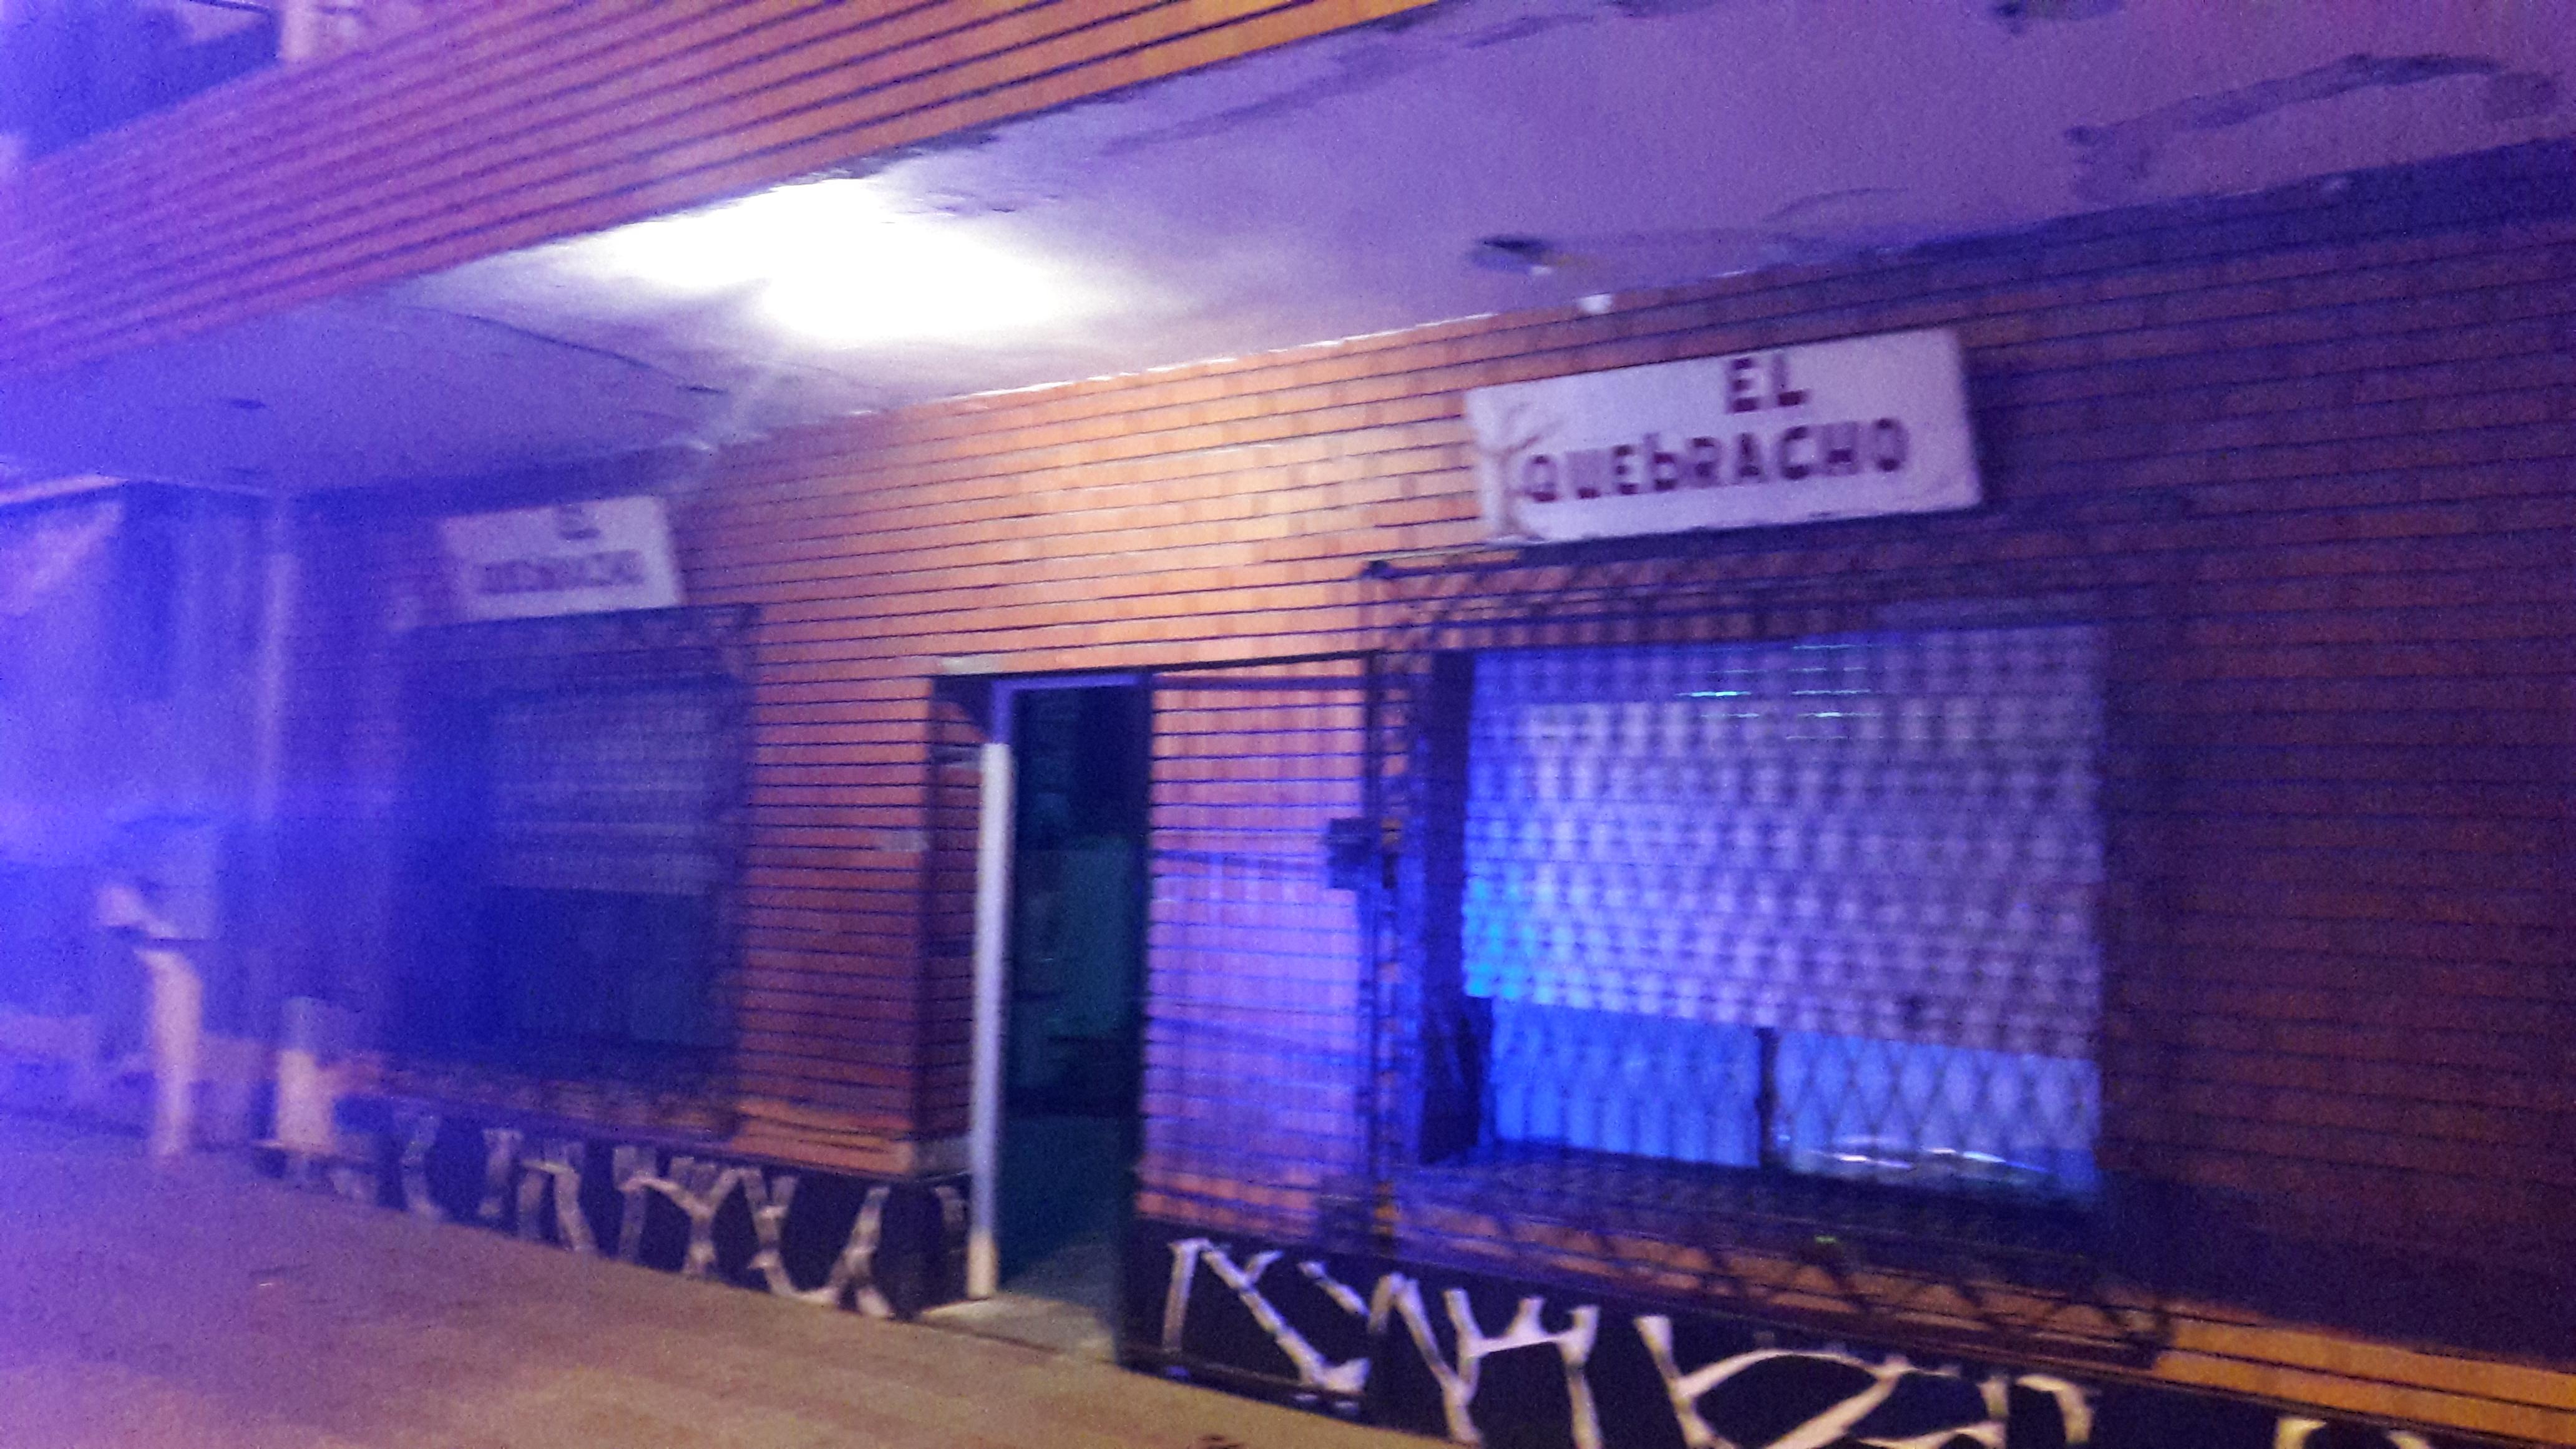 Fotografías remitidas por la Fiscalía Federal N°2 de Tucumán.